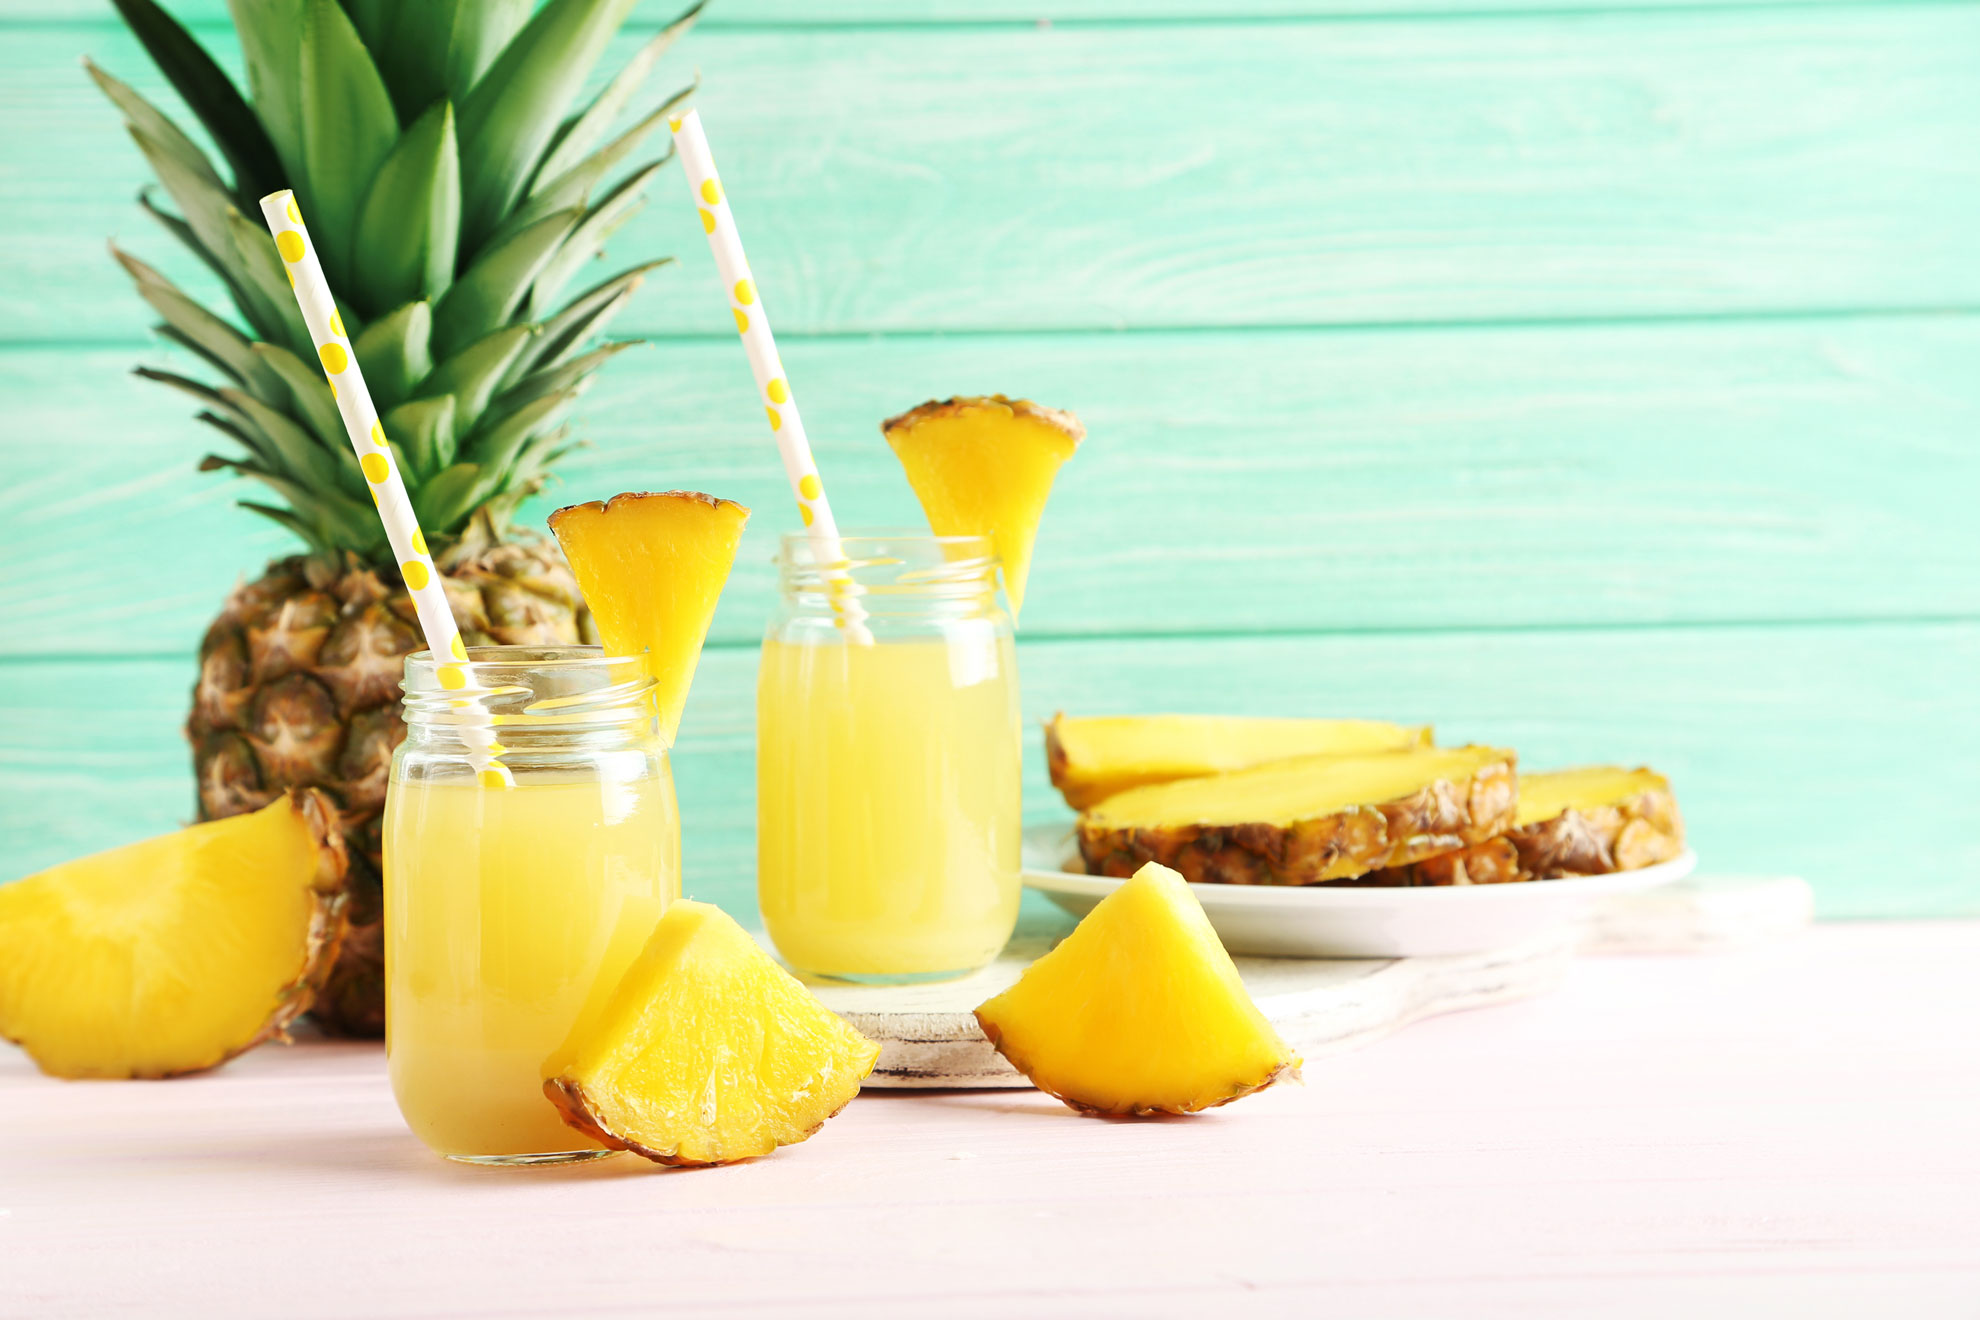 L'ananas fornisce solo 40 kcal per 100g, ecco perché viene spesso consigliata nelle diete dimagranti.